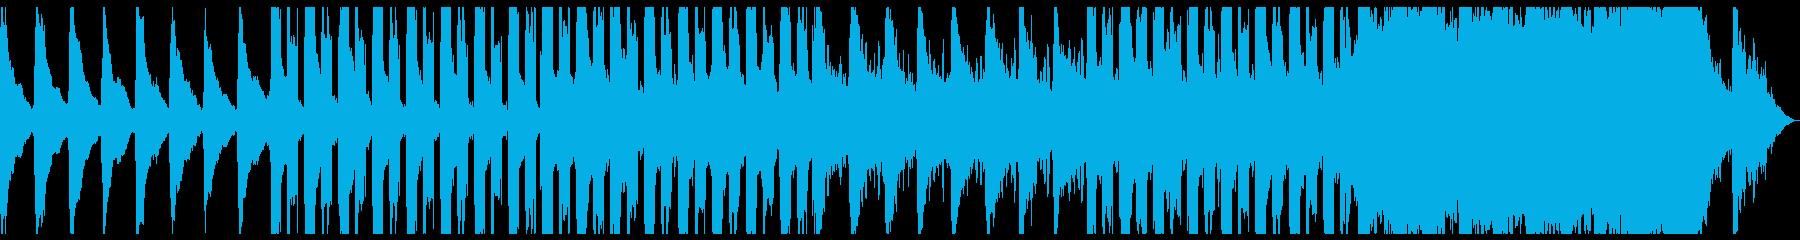 ほのぼのとした雰囲気のチルトラック♪の再生済みの波形